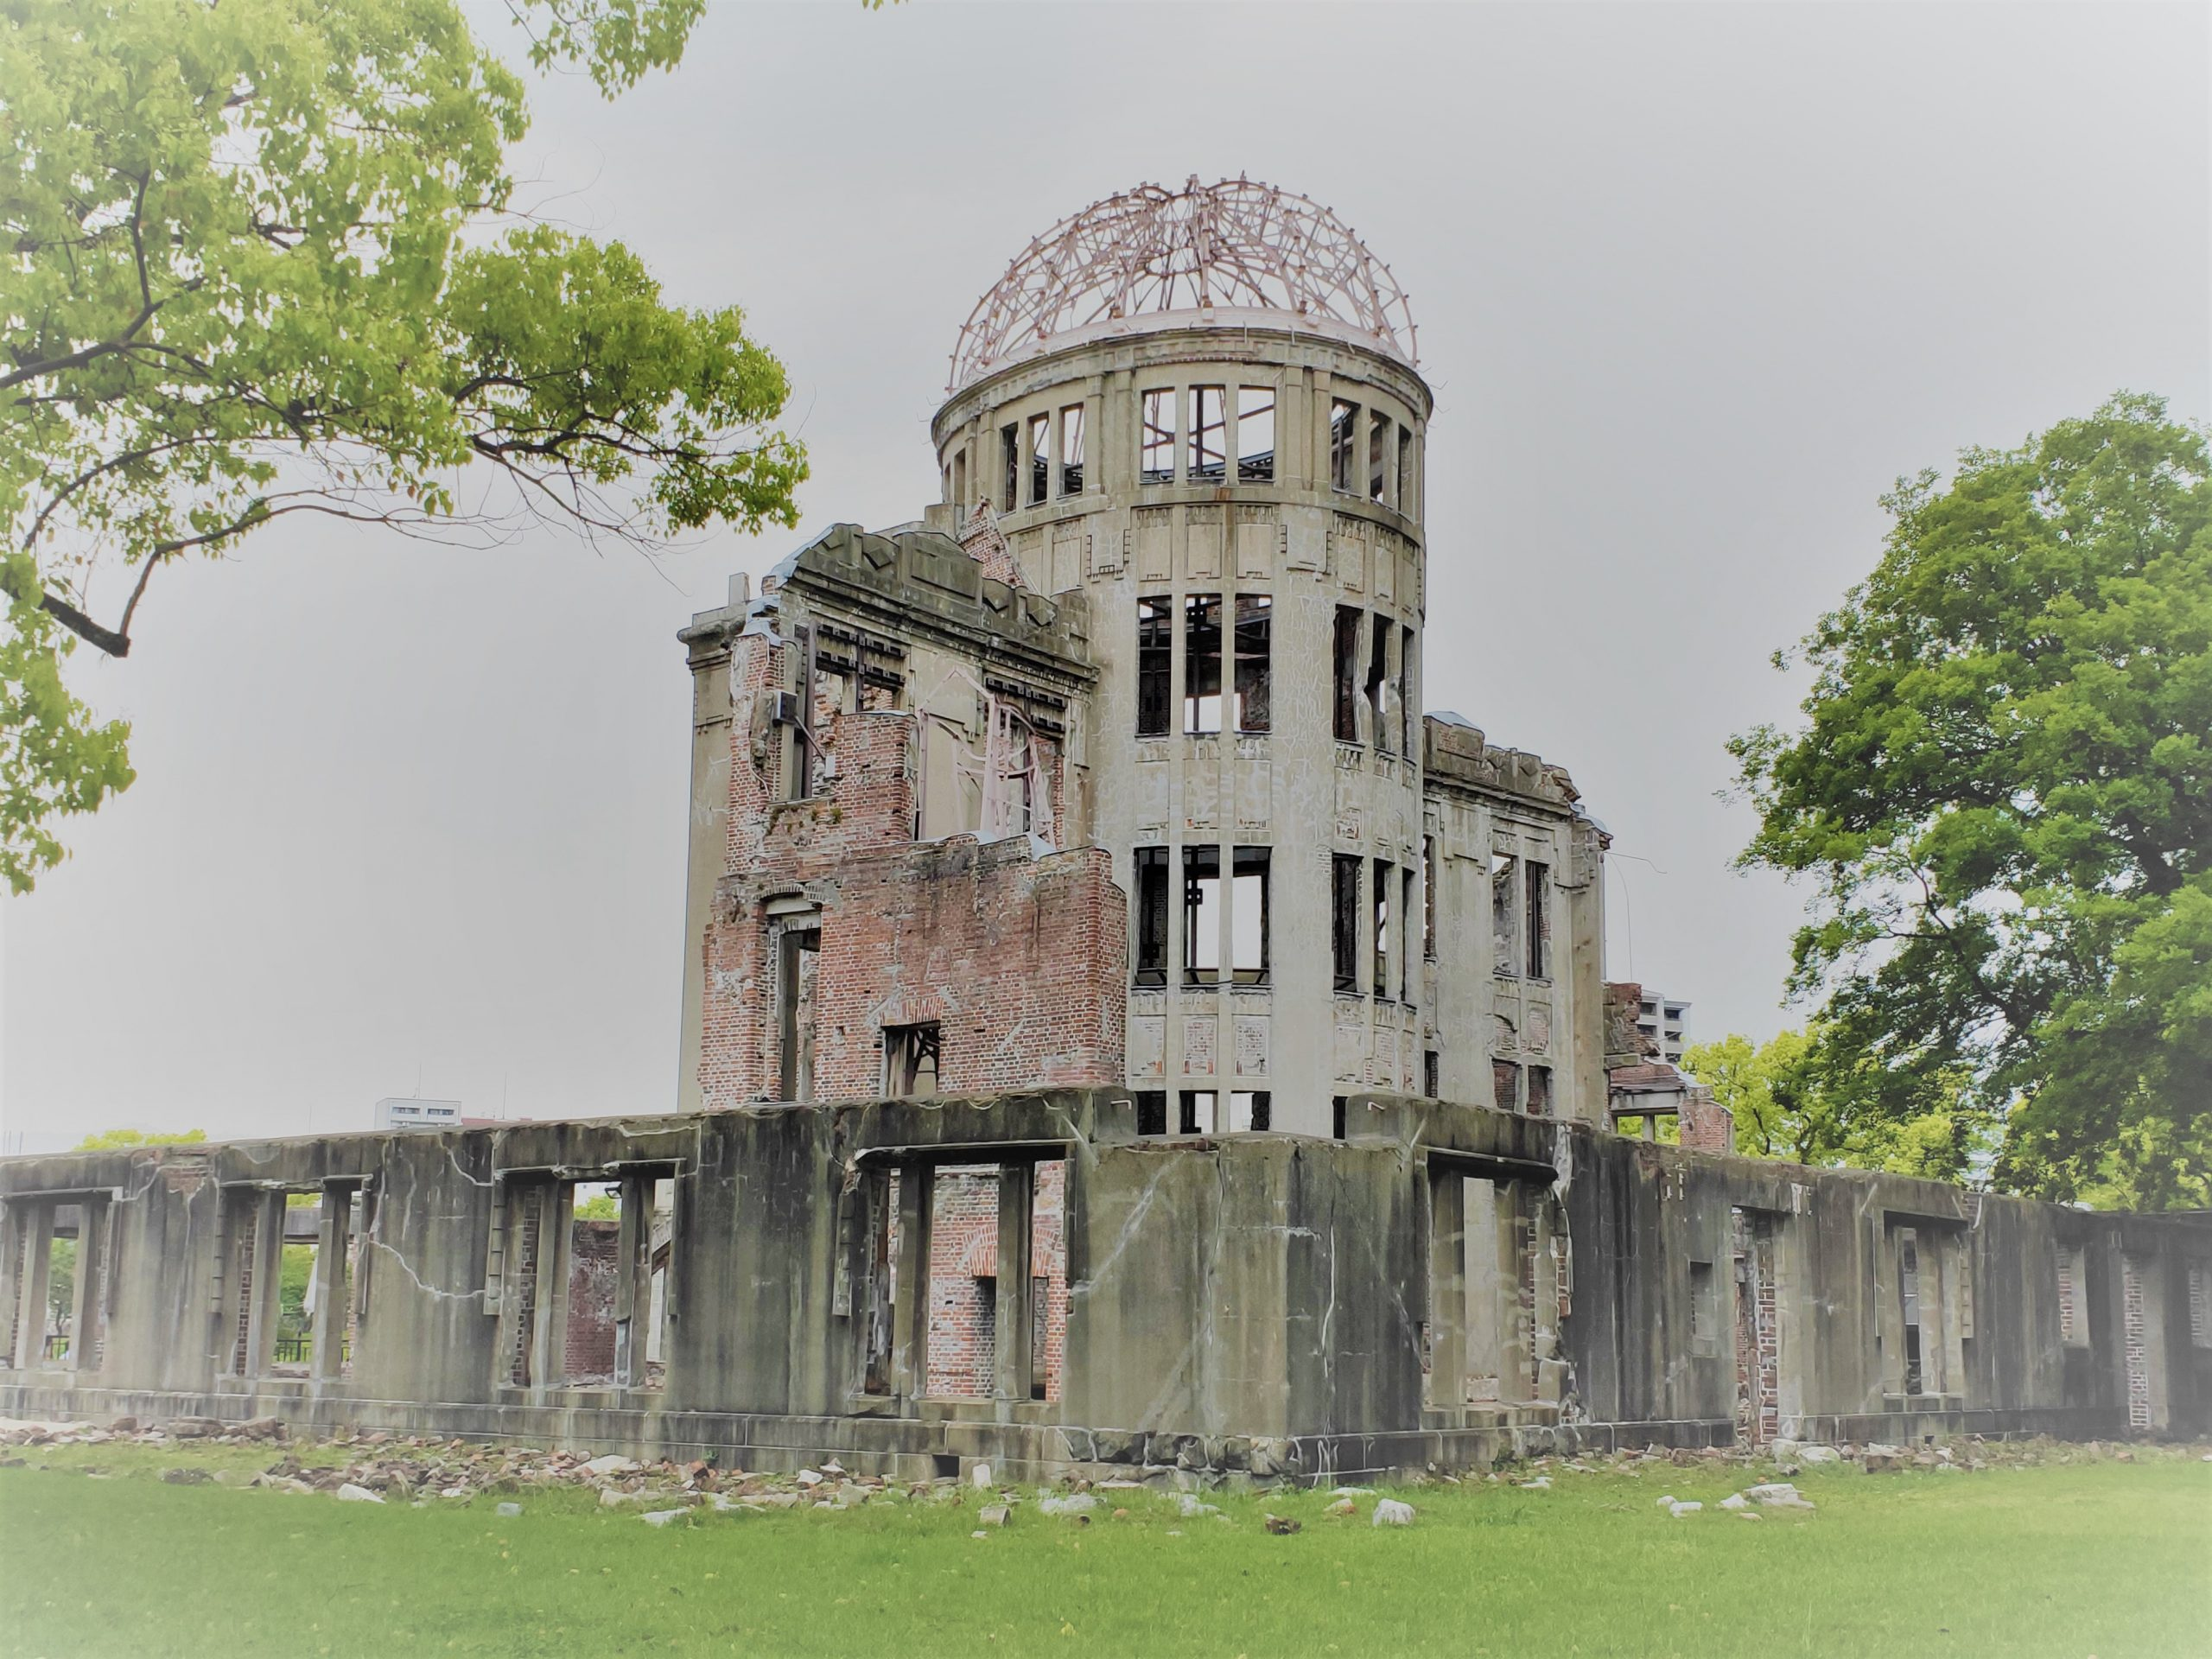 Genbaku Dome